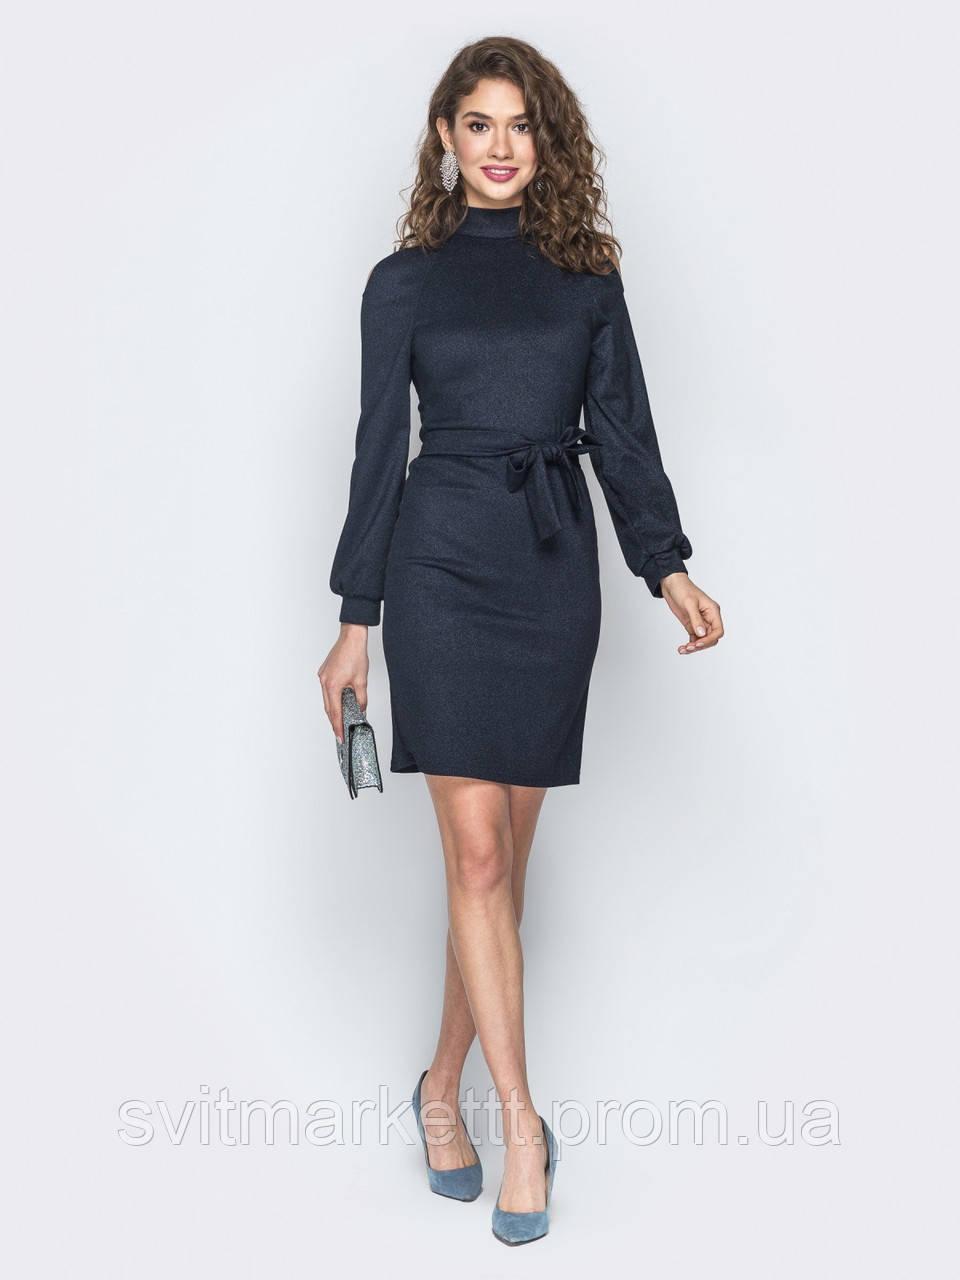 4ec1380ccf9 ⭐️Черное приталенное платье с разрезами на плечах (с поясом ...